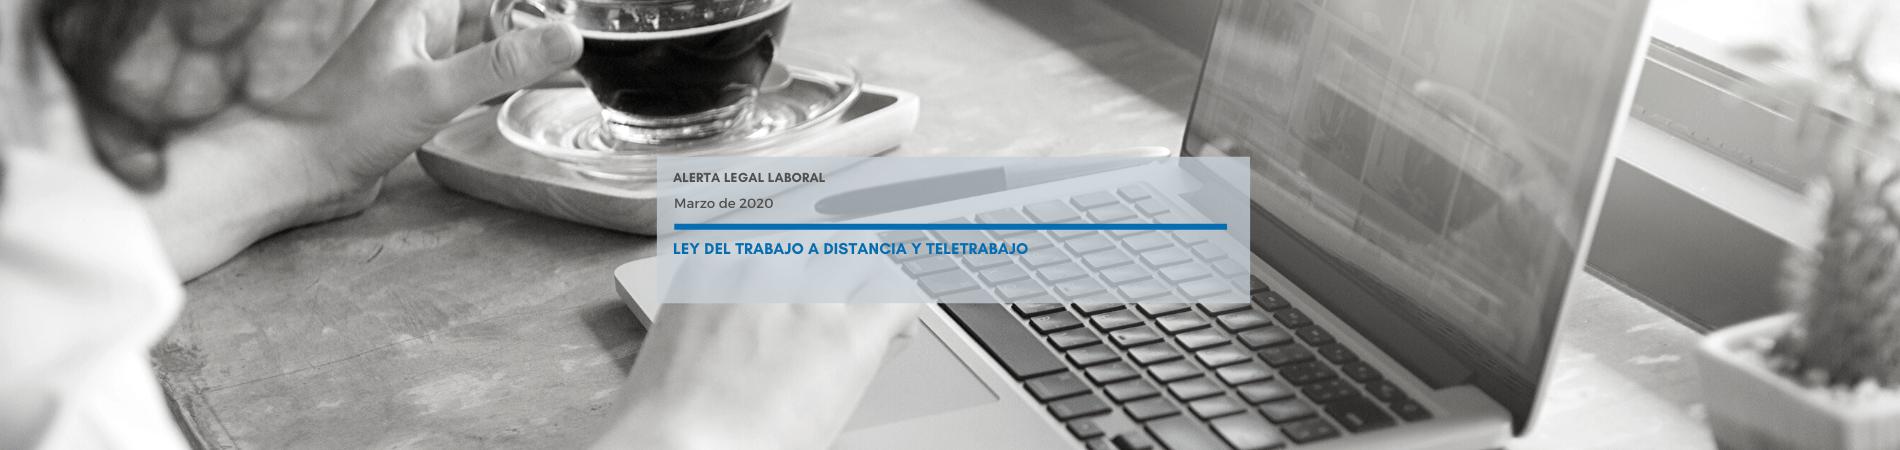 Alerta Legal Laboral | Ley del trabajo a distancia y teletrabajo